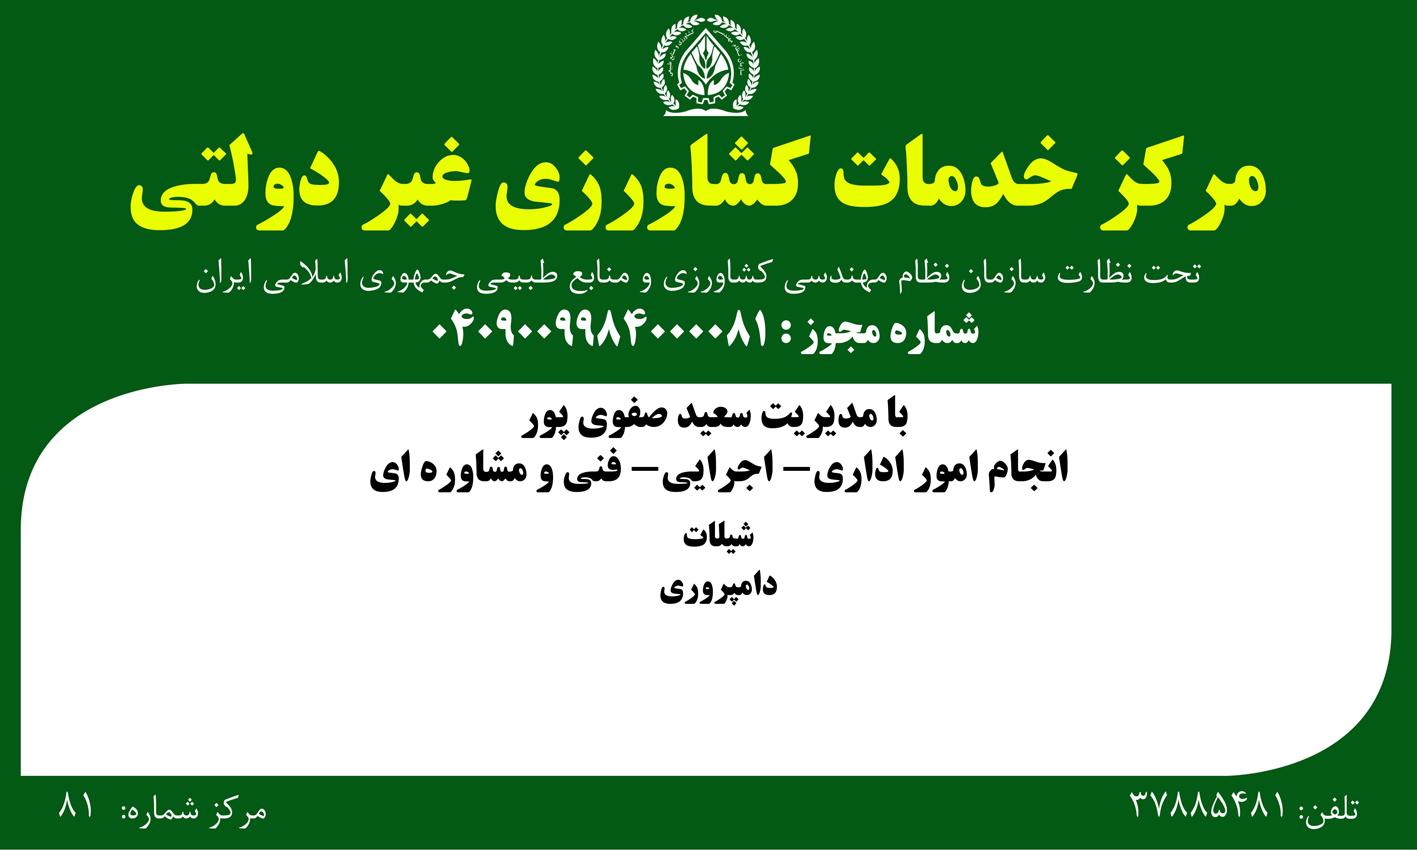 بهره برداری از اولین مرکز خدمات کشاورزی غیر دولتی مرتبط با زالو در اصفهان